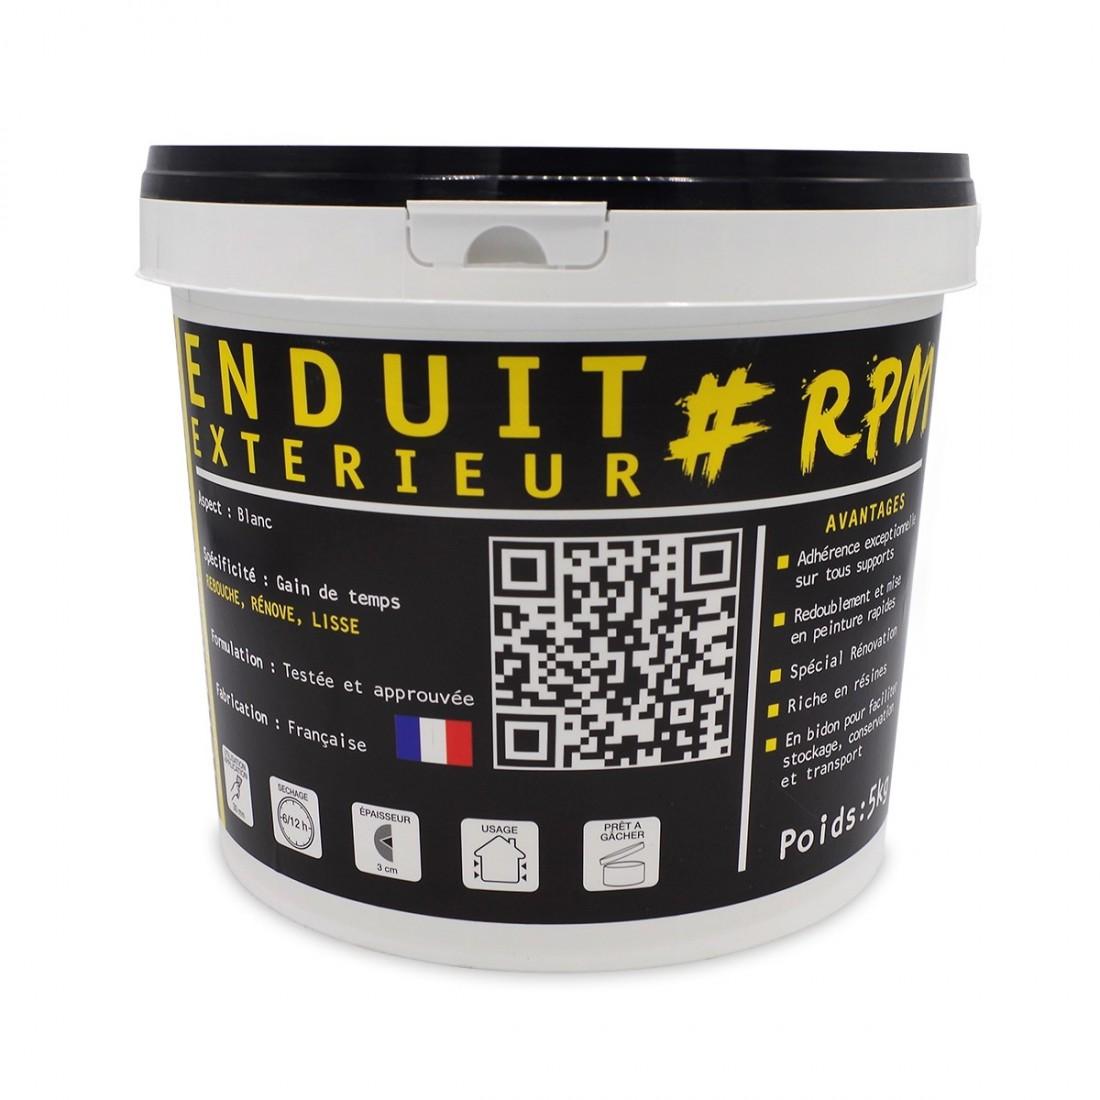 Photo Pot Enduit De Reparation Et Rebouchage Exterieur Marque The Black  Tower Company 5 Kg ...